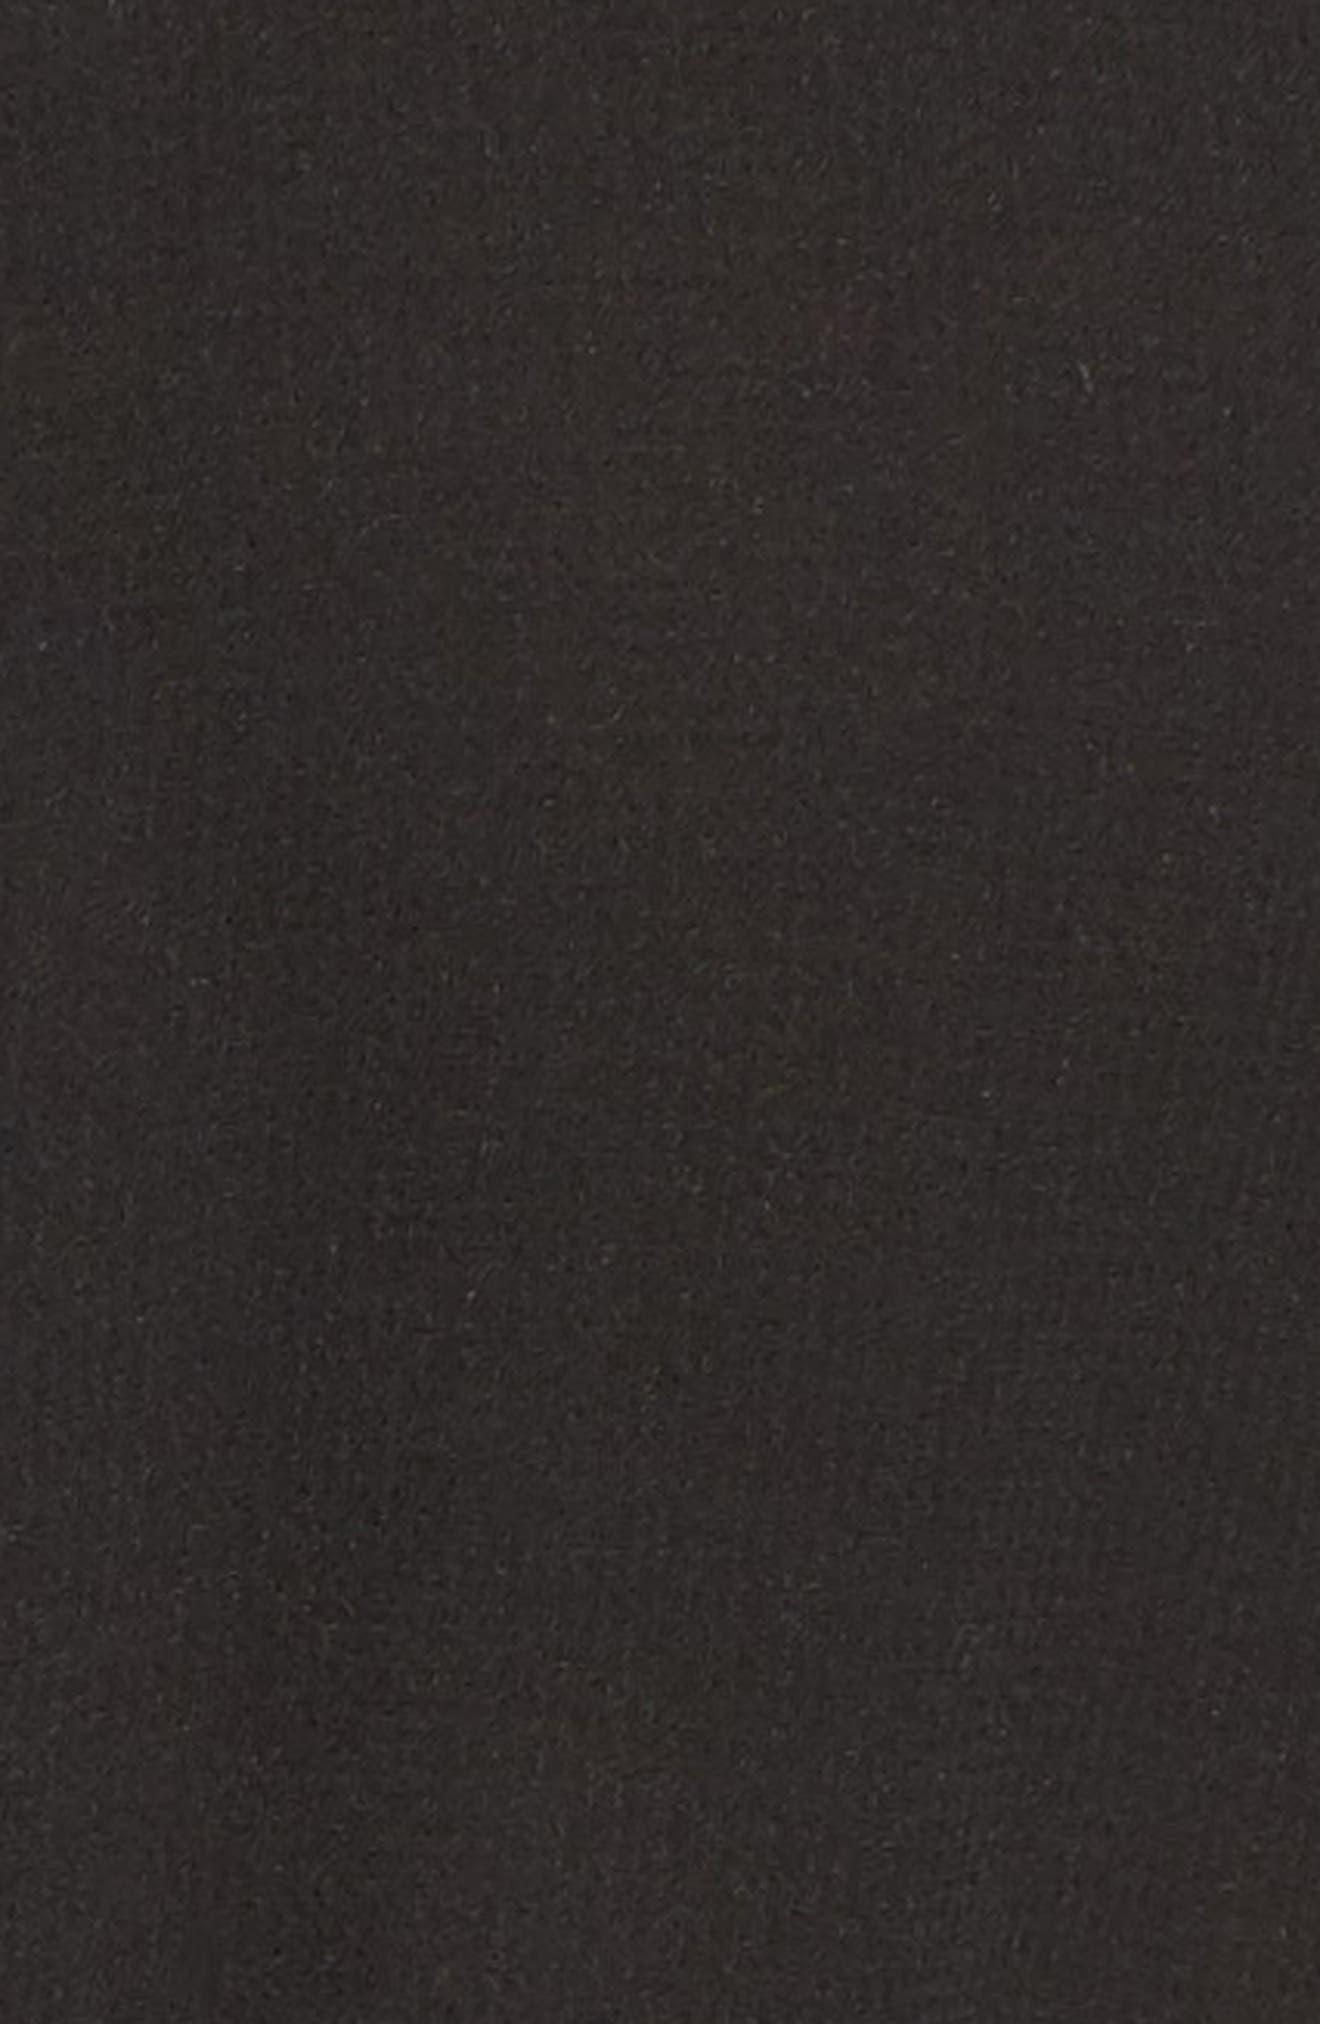 Anis Midi Dress,                             Alternate thumbnail 5, color,                             005